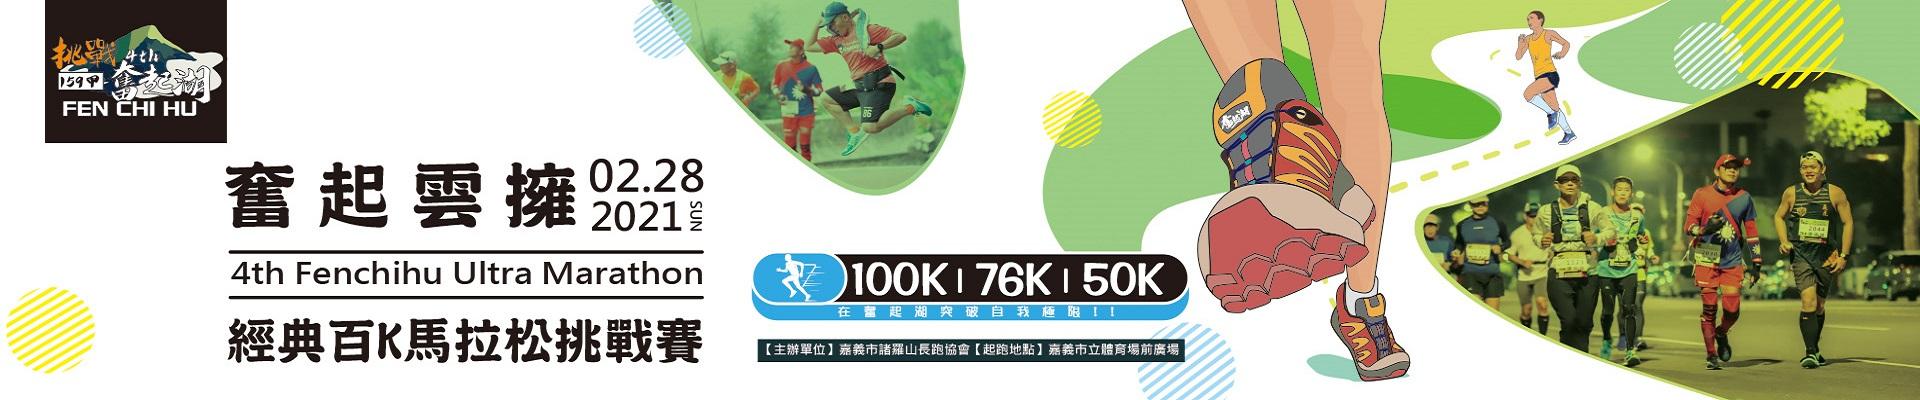 2021第四屆奮起雲擁~經典百K馬拉松挑戰賽-主視覺